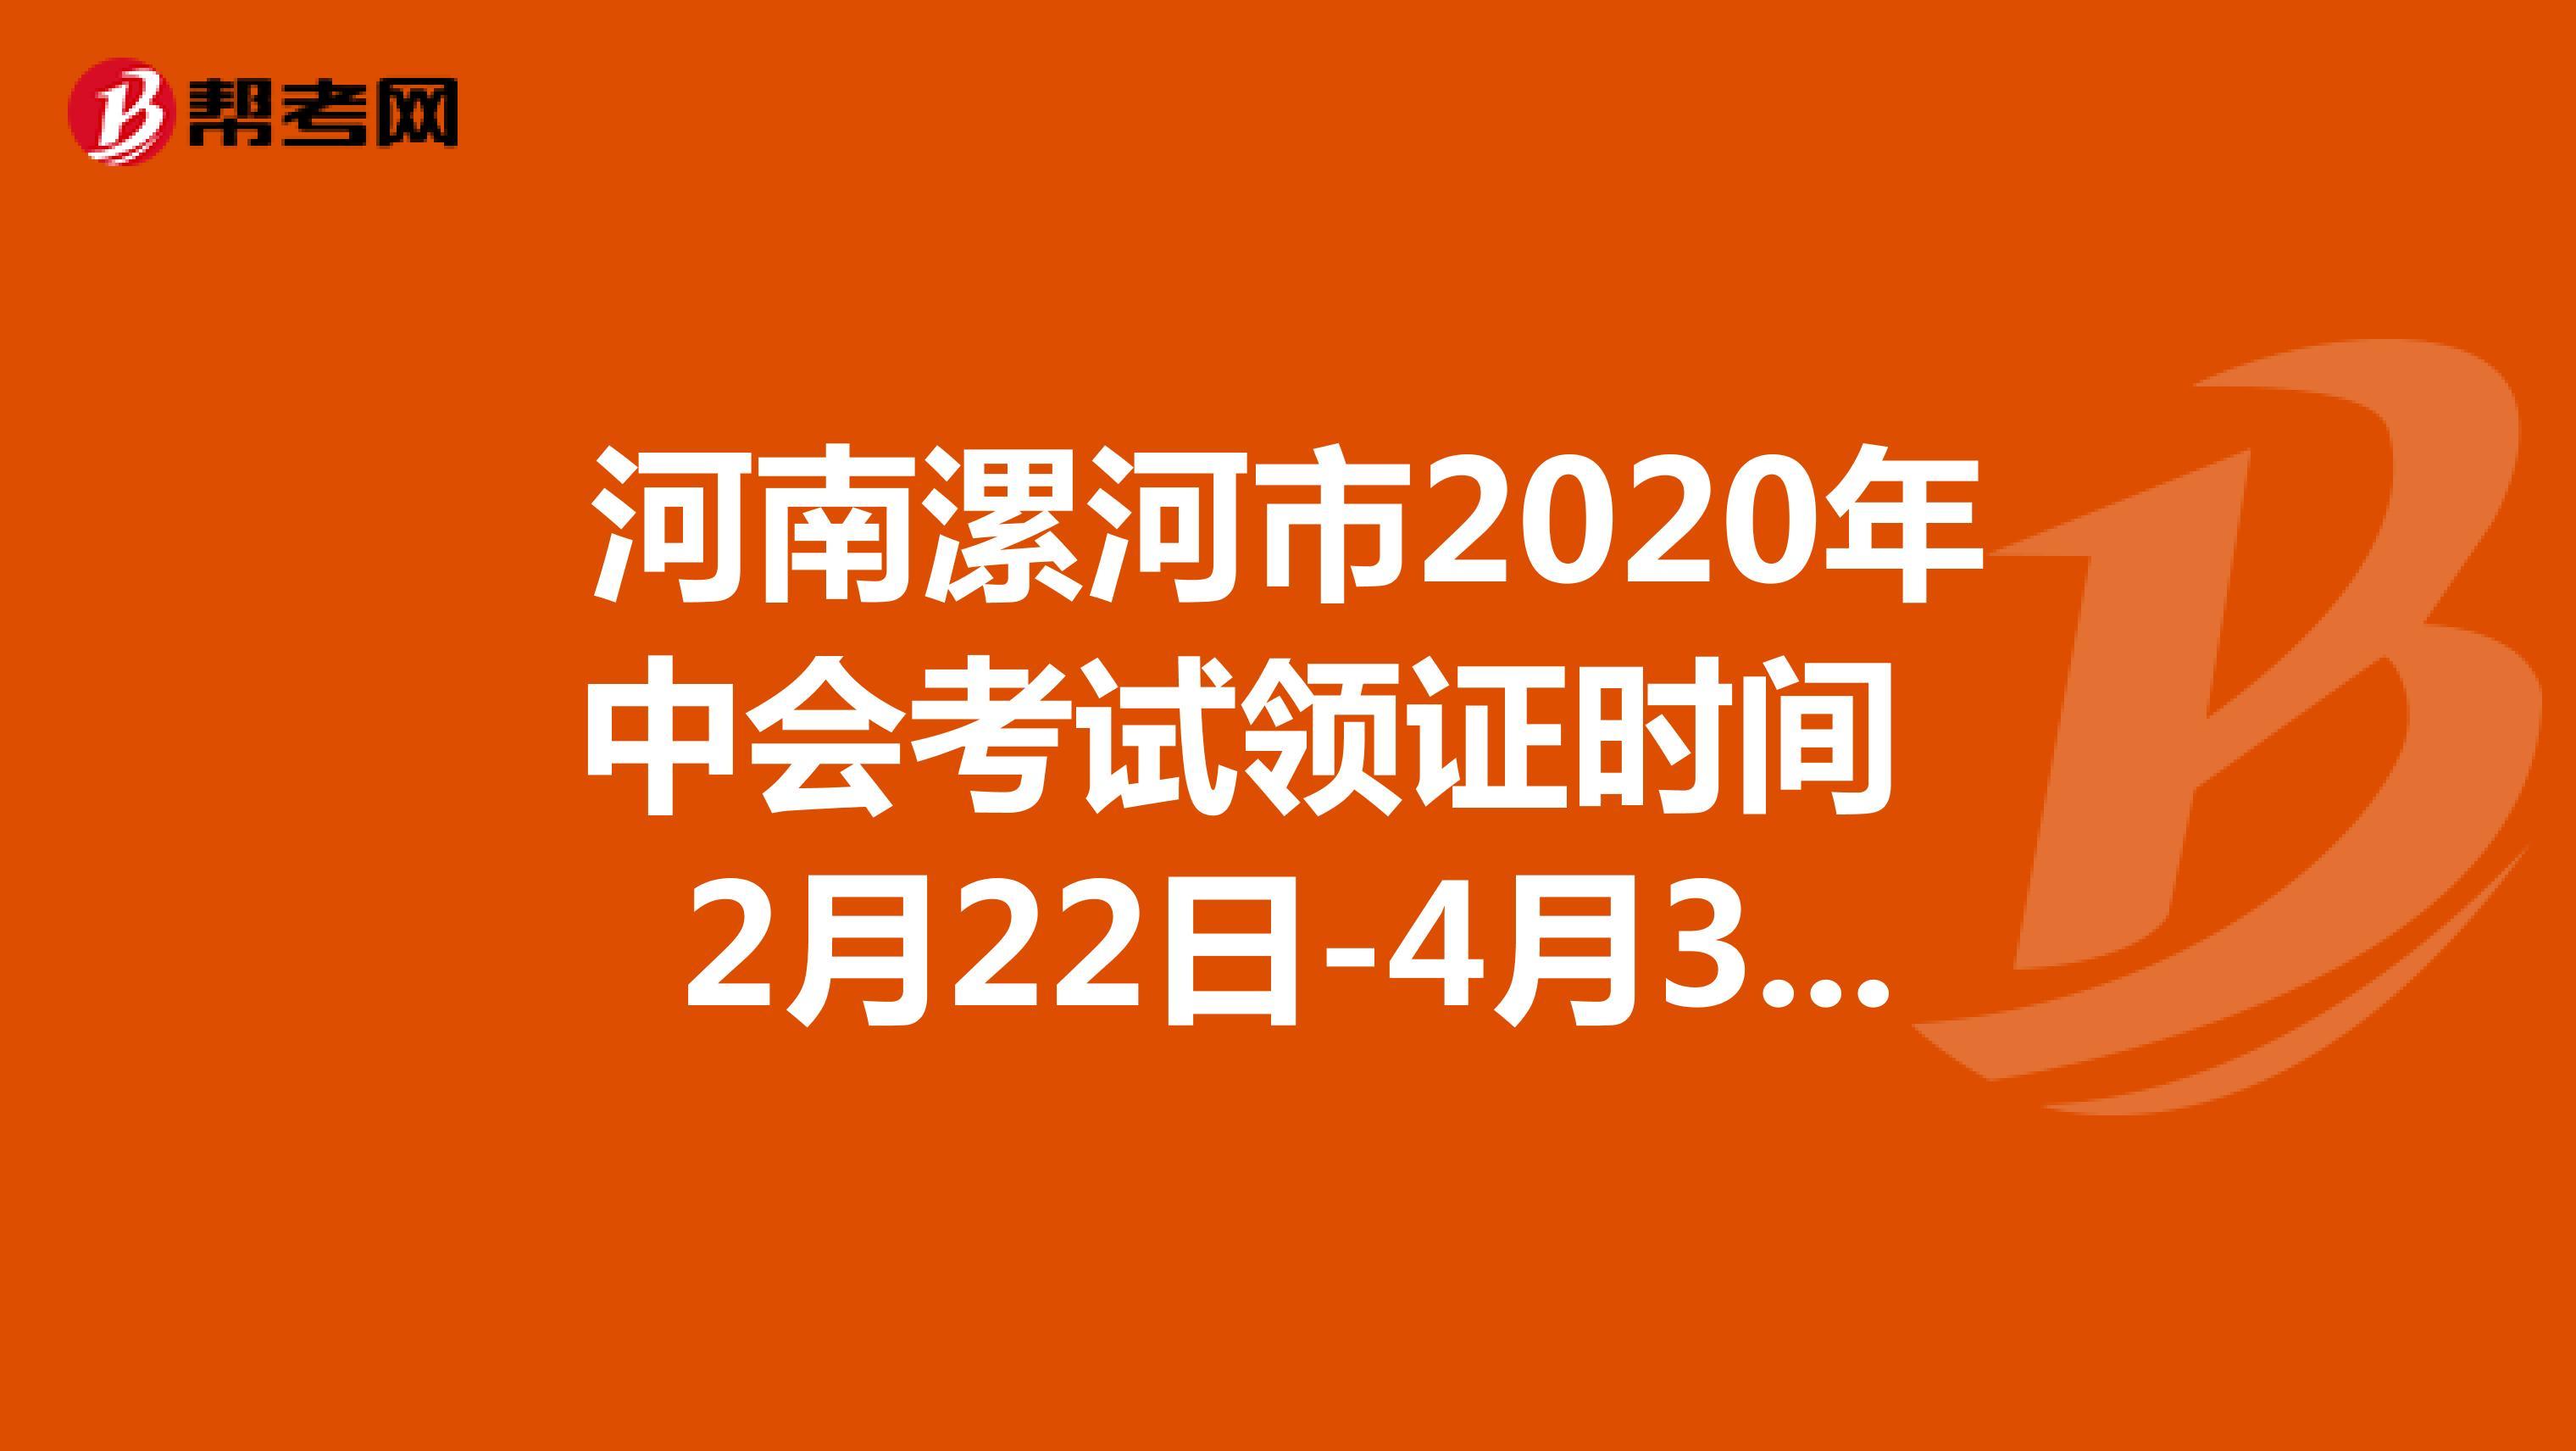 河南漯河市2020年中会考试领证时间:2月22日-4月30日